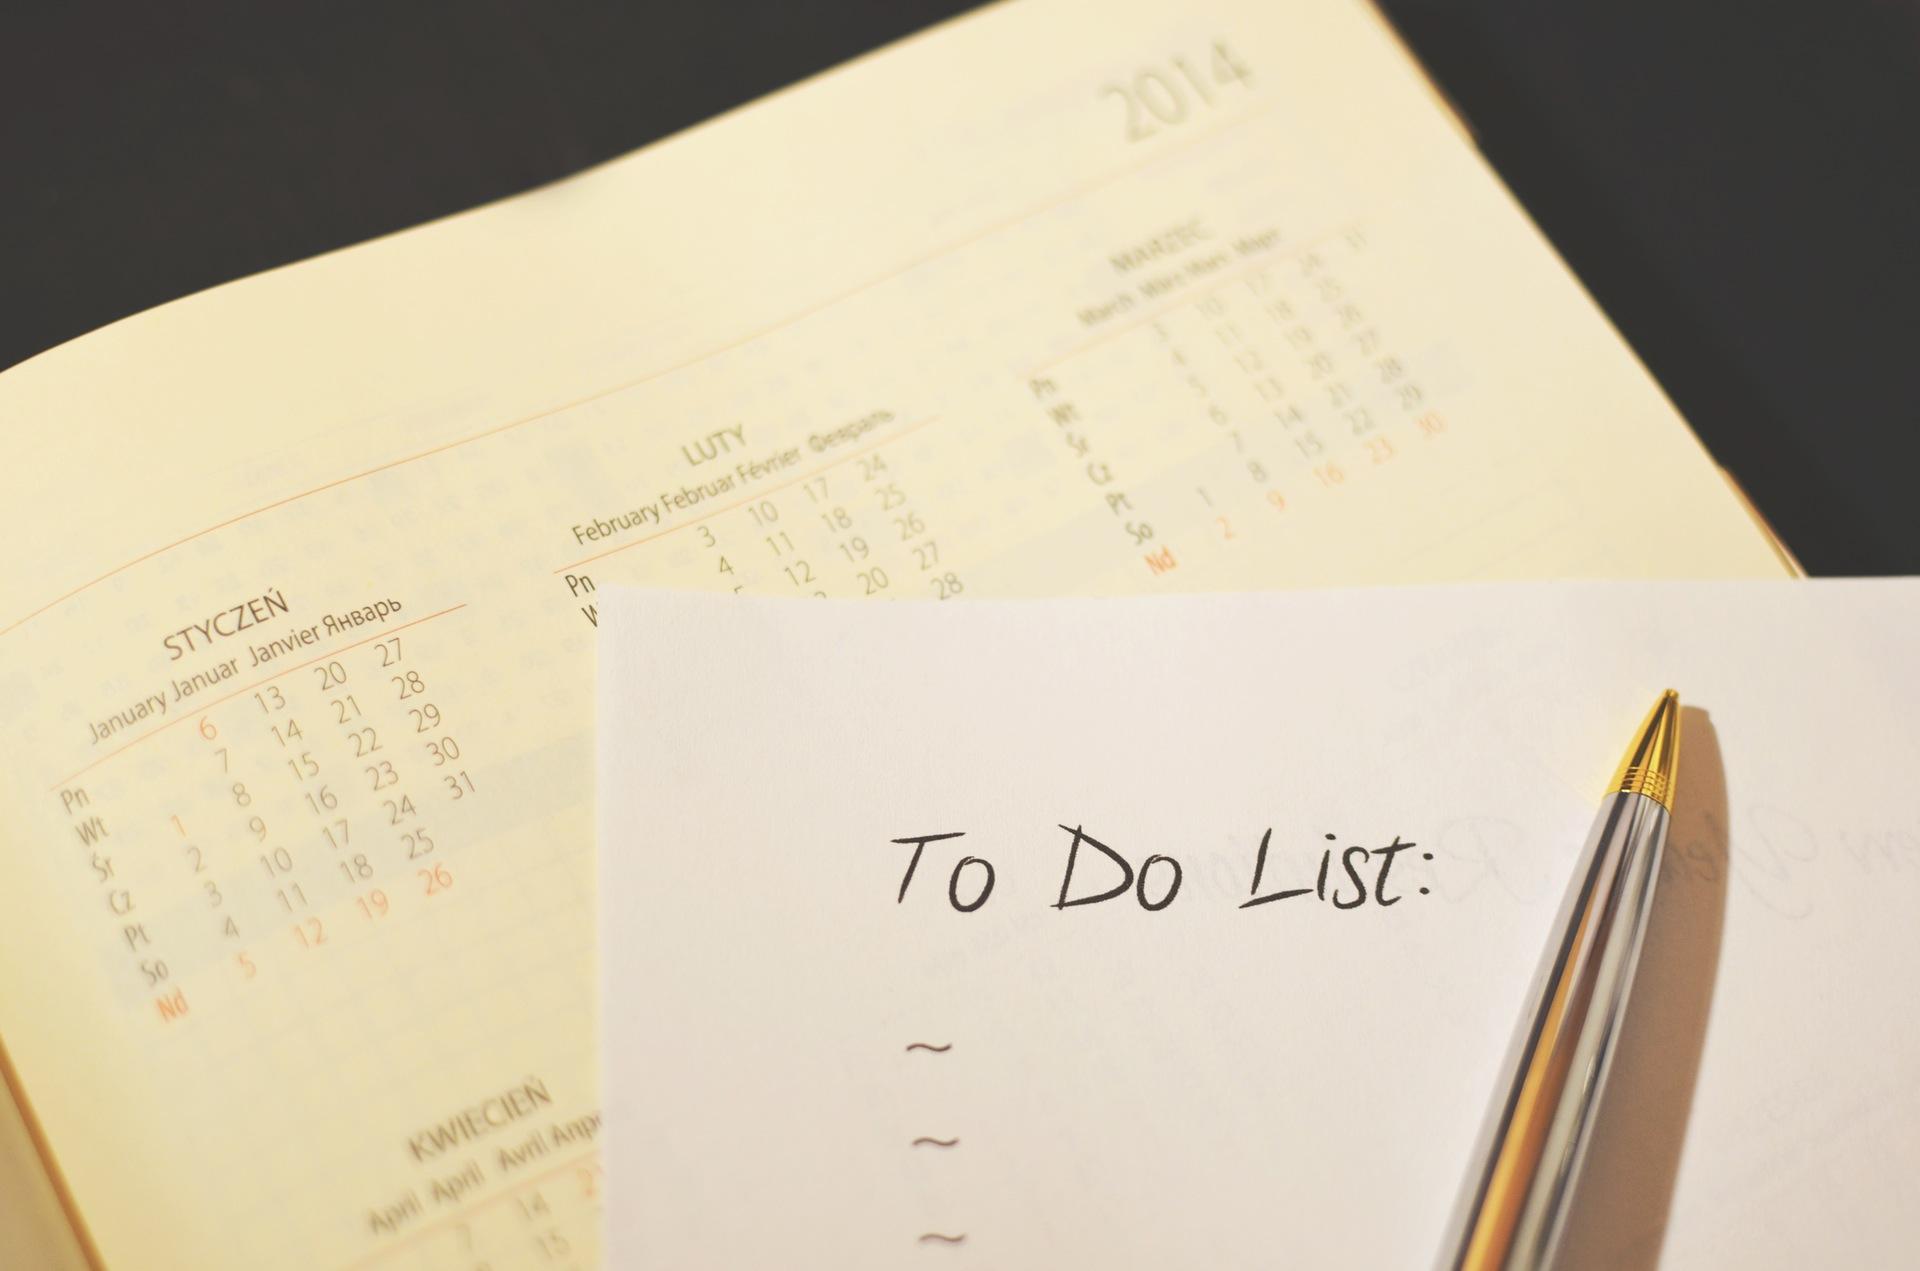 pen-calendar-to-do-checklist.jpg